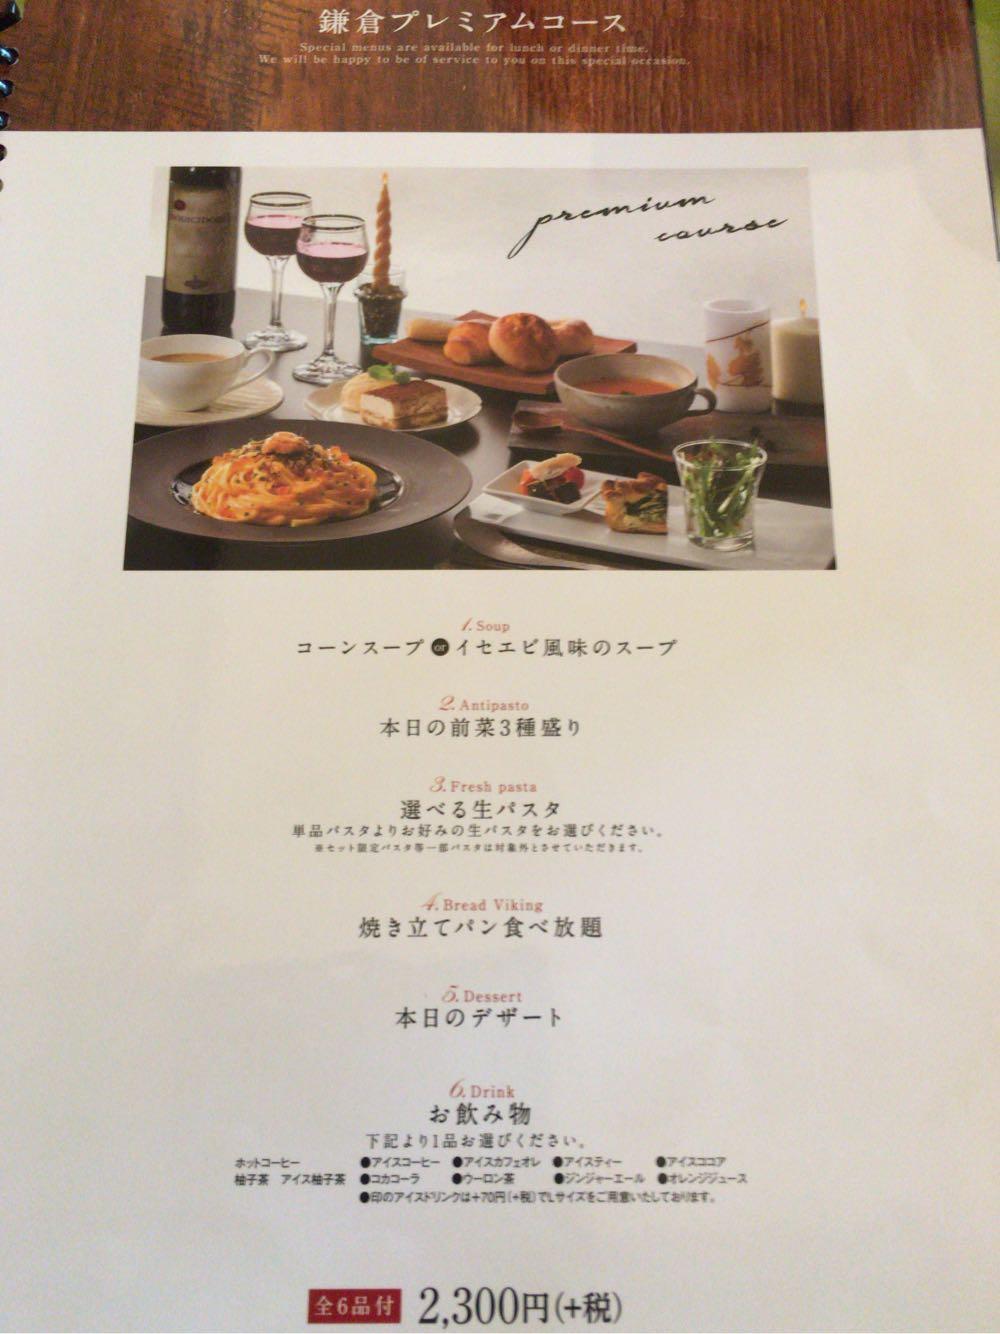 鎌倉パスタ 北加賀屋店 メニュー